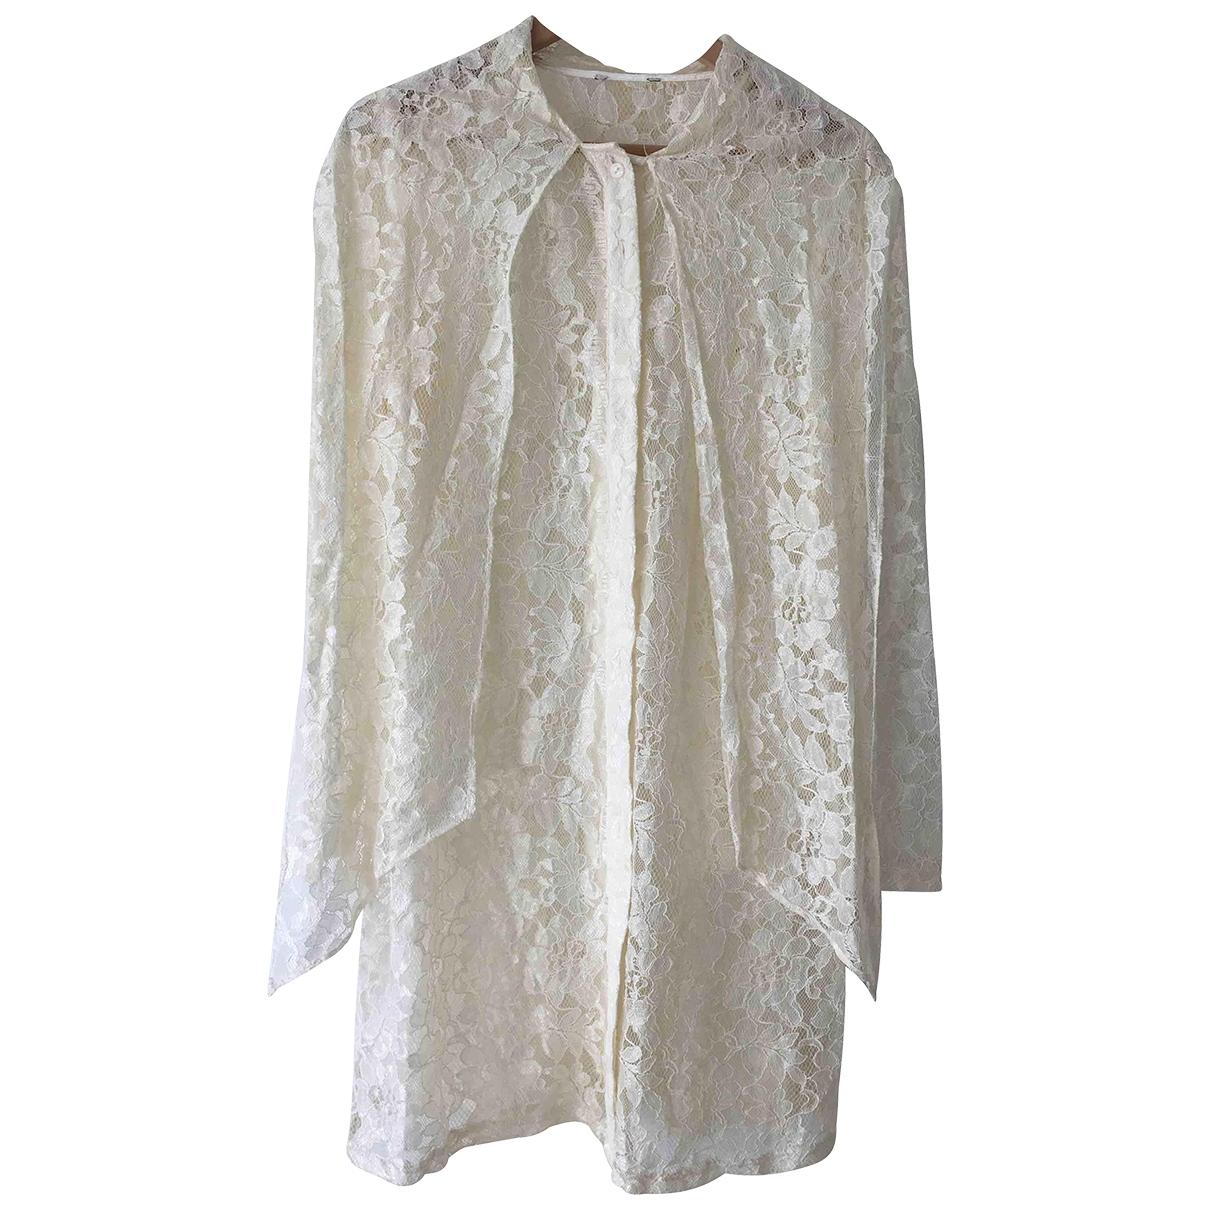 - Robe Epaulettes pour femme en dentelle - ecru